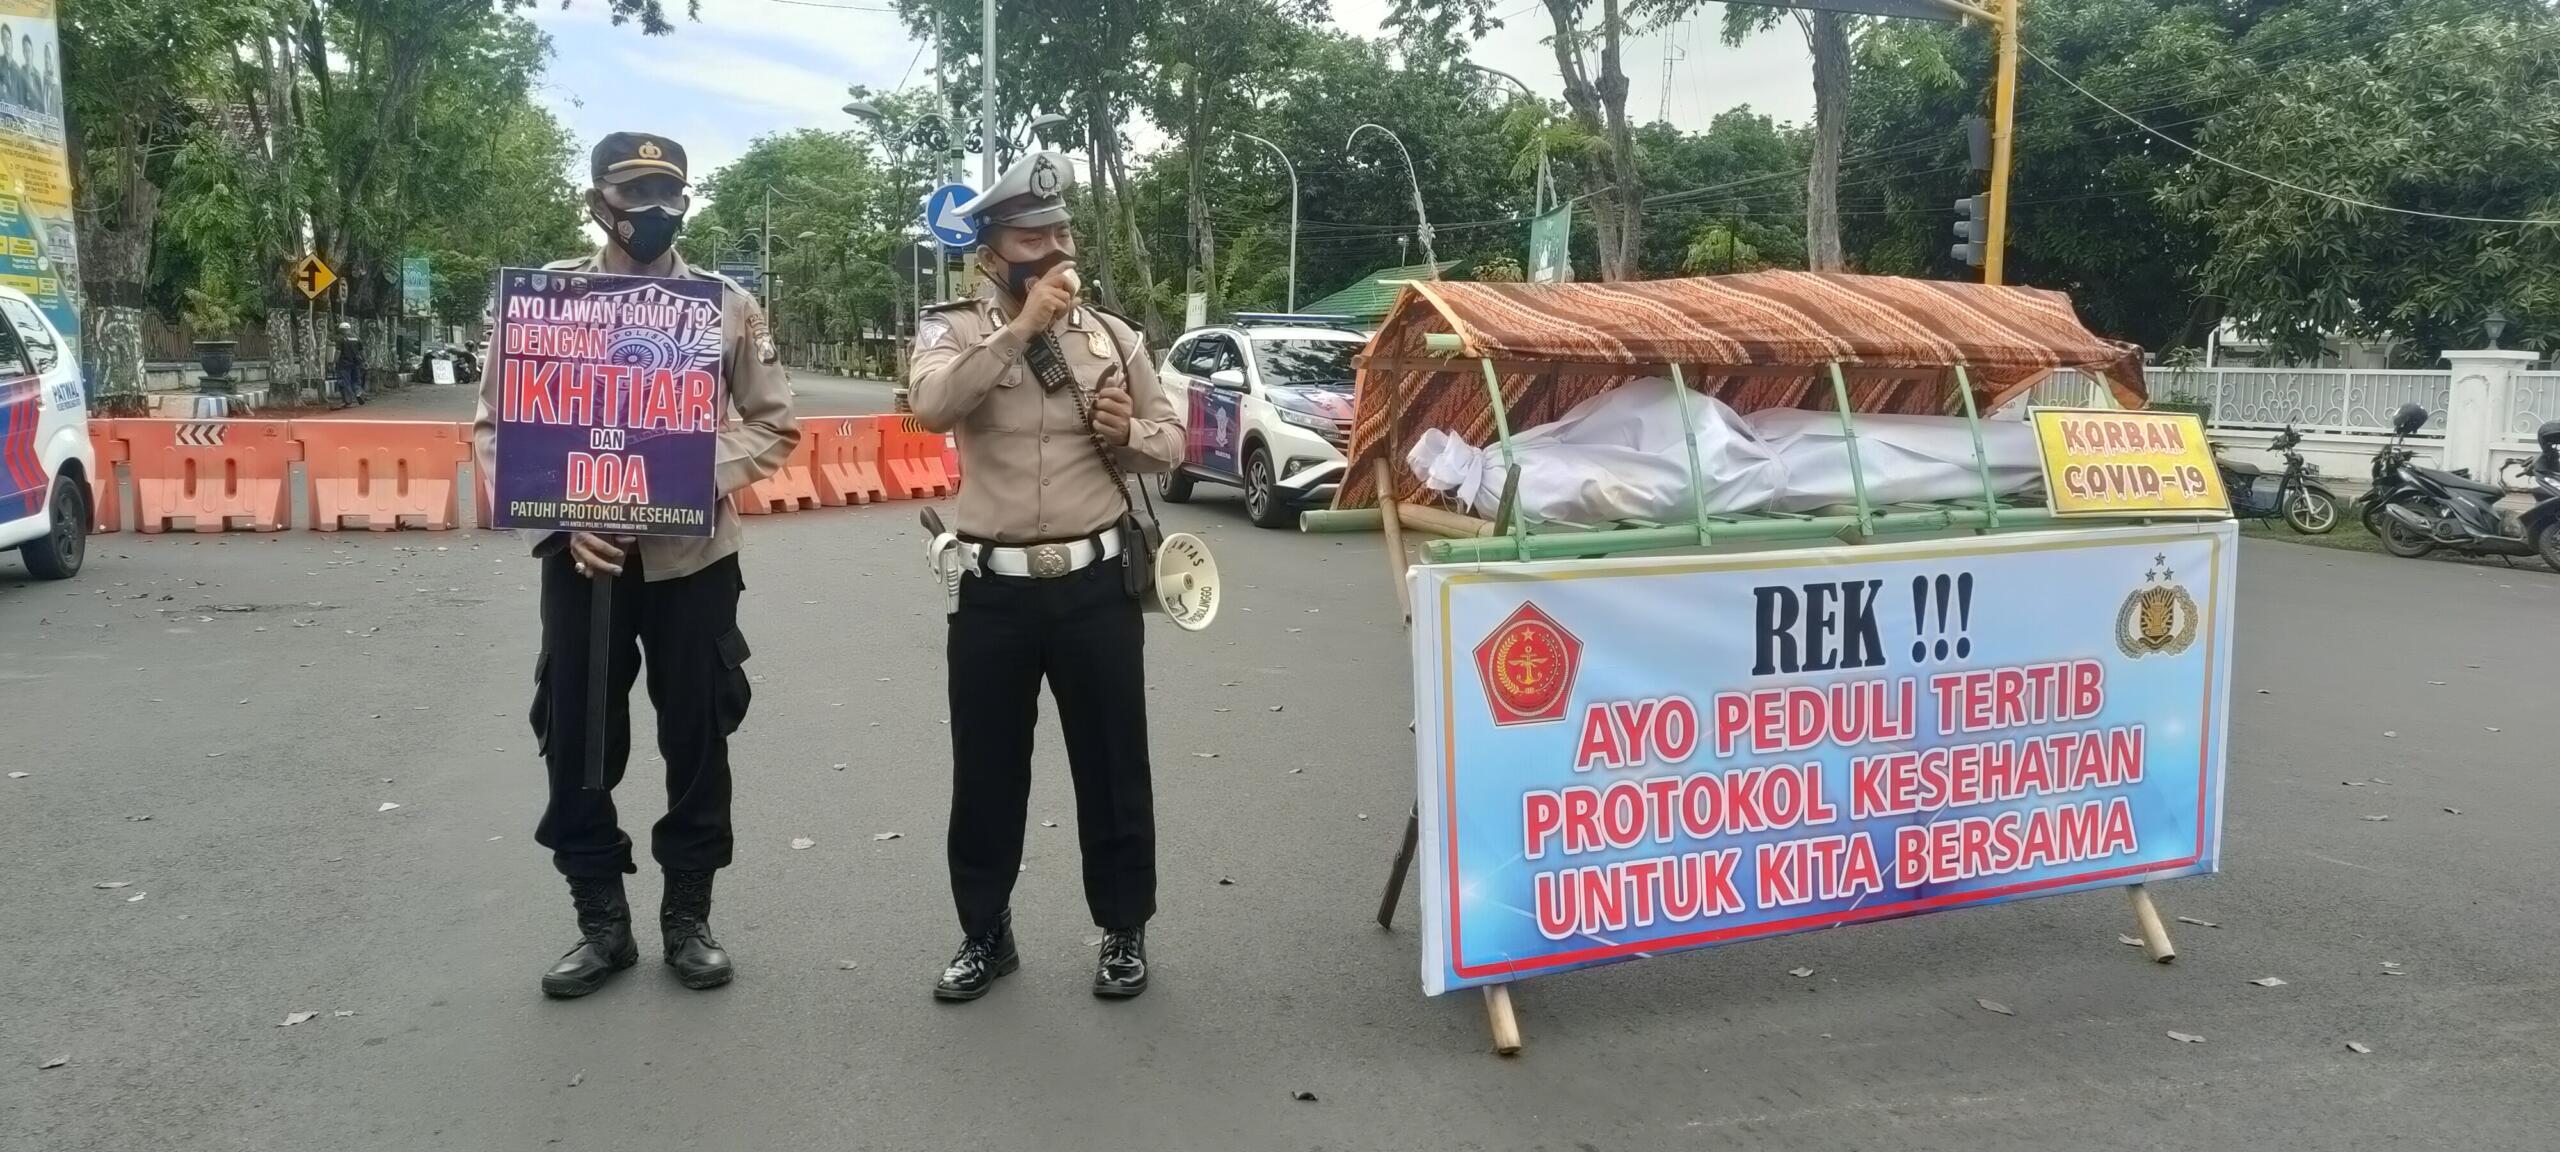 Imbauan Protokol Kesehatan oleh Polresta Probolinggo/foto:Istimewa